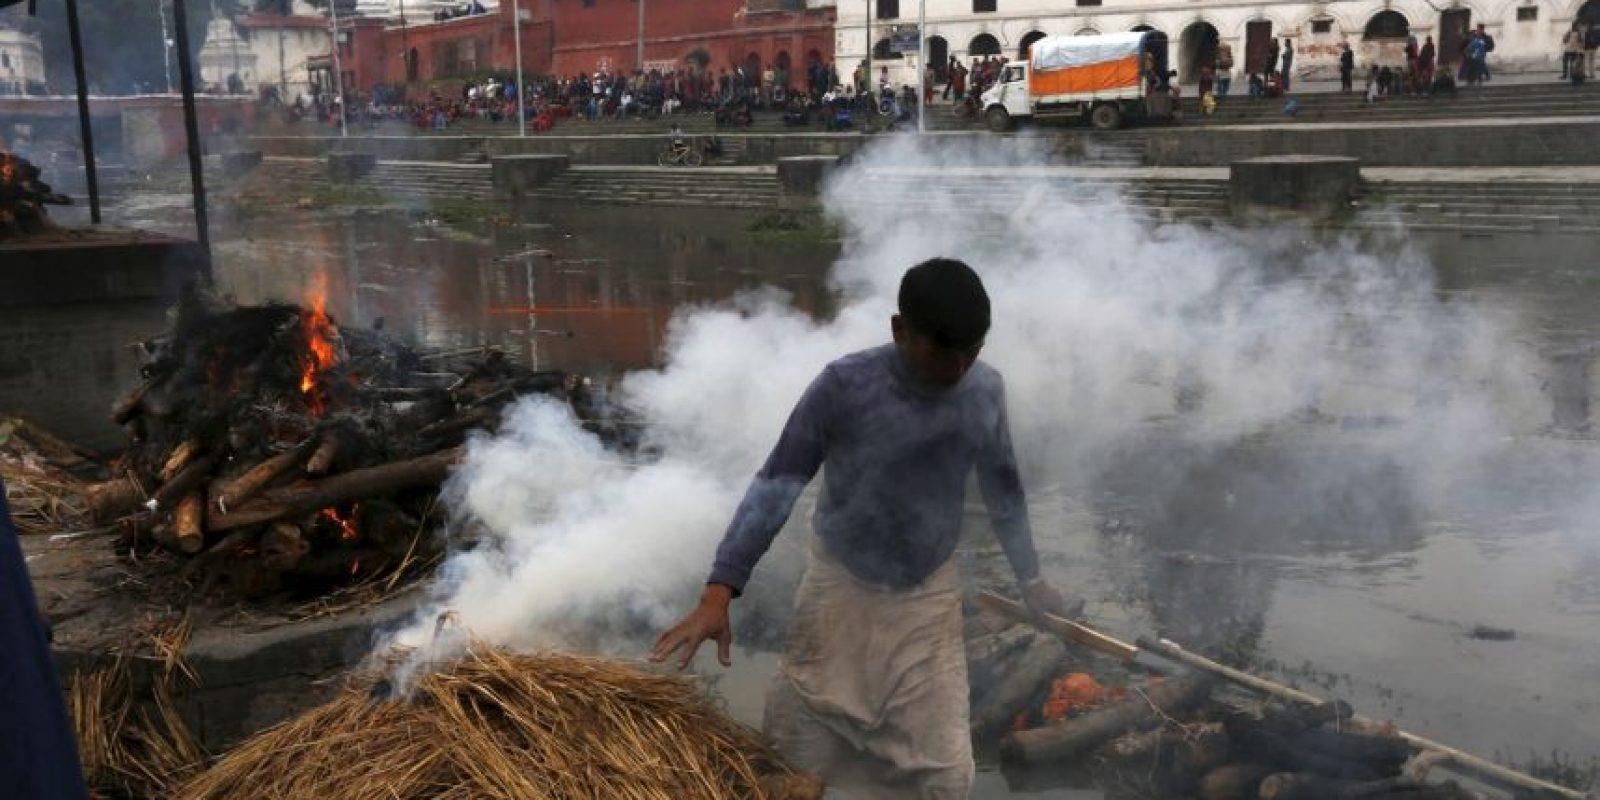 Los voluntarios se enfrentan a la difícil tarea de quemar los cuerpos de las víctimas del terremoto Foto:AP